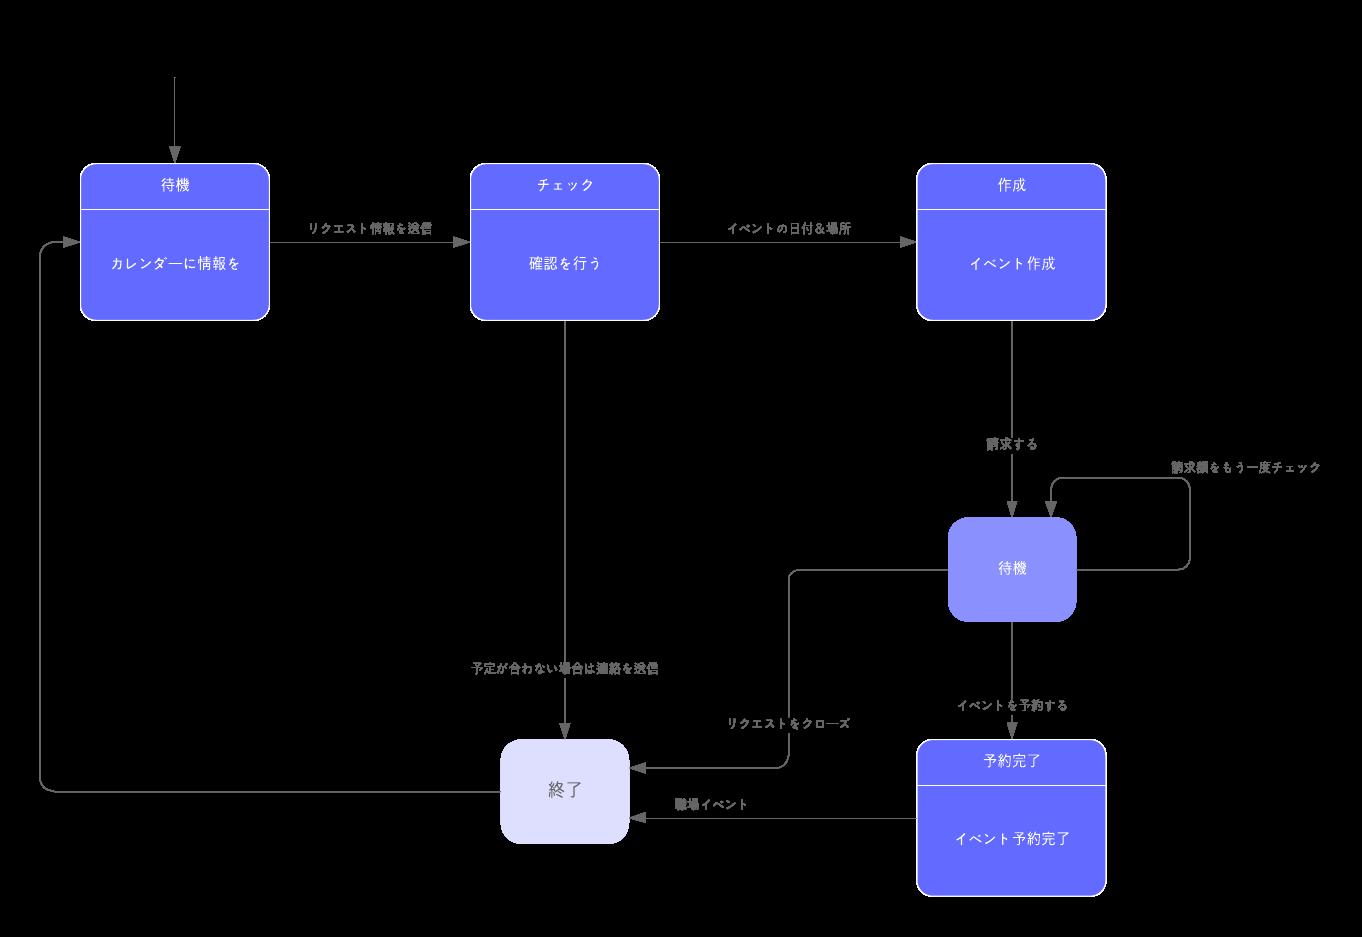 UML ステートマシーン図参考例